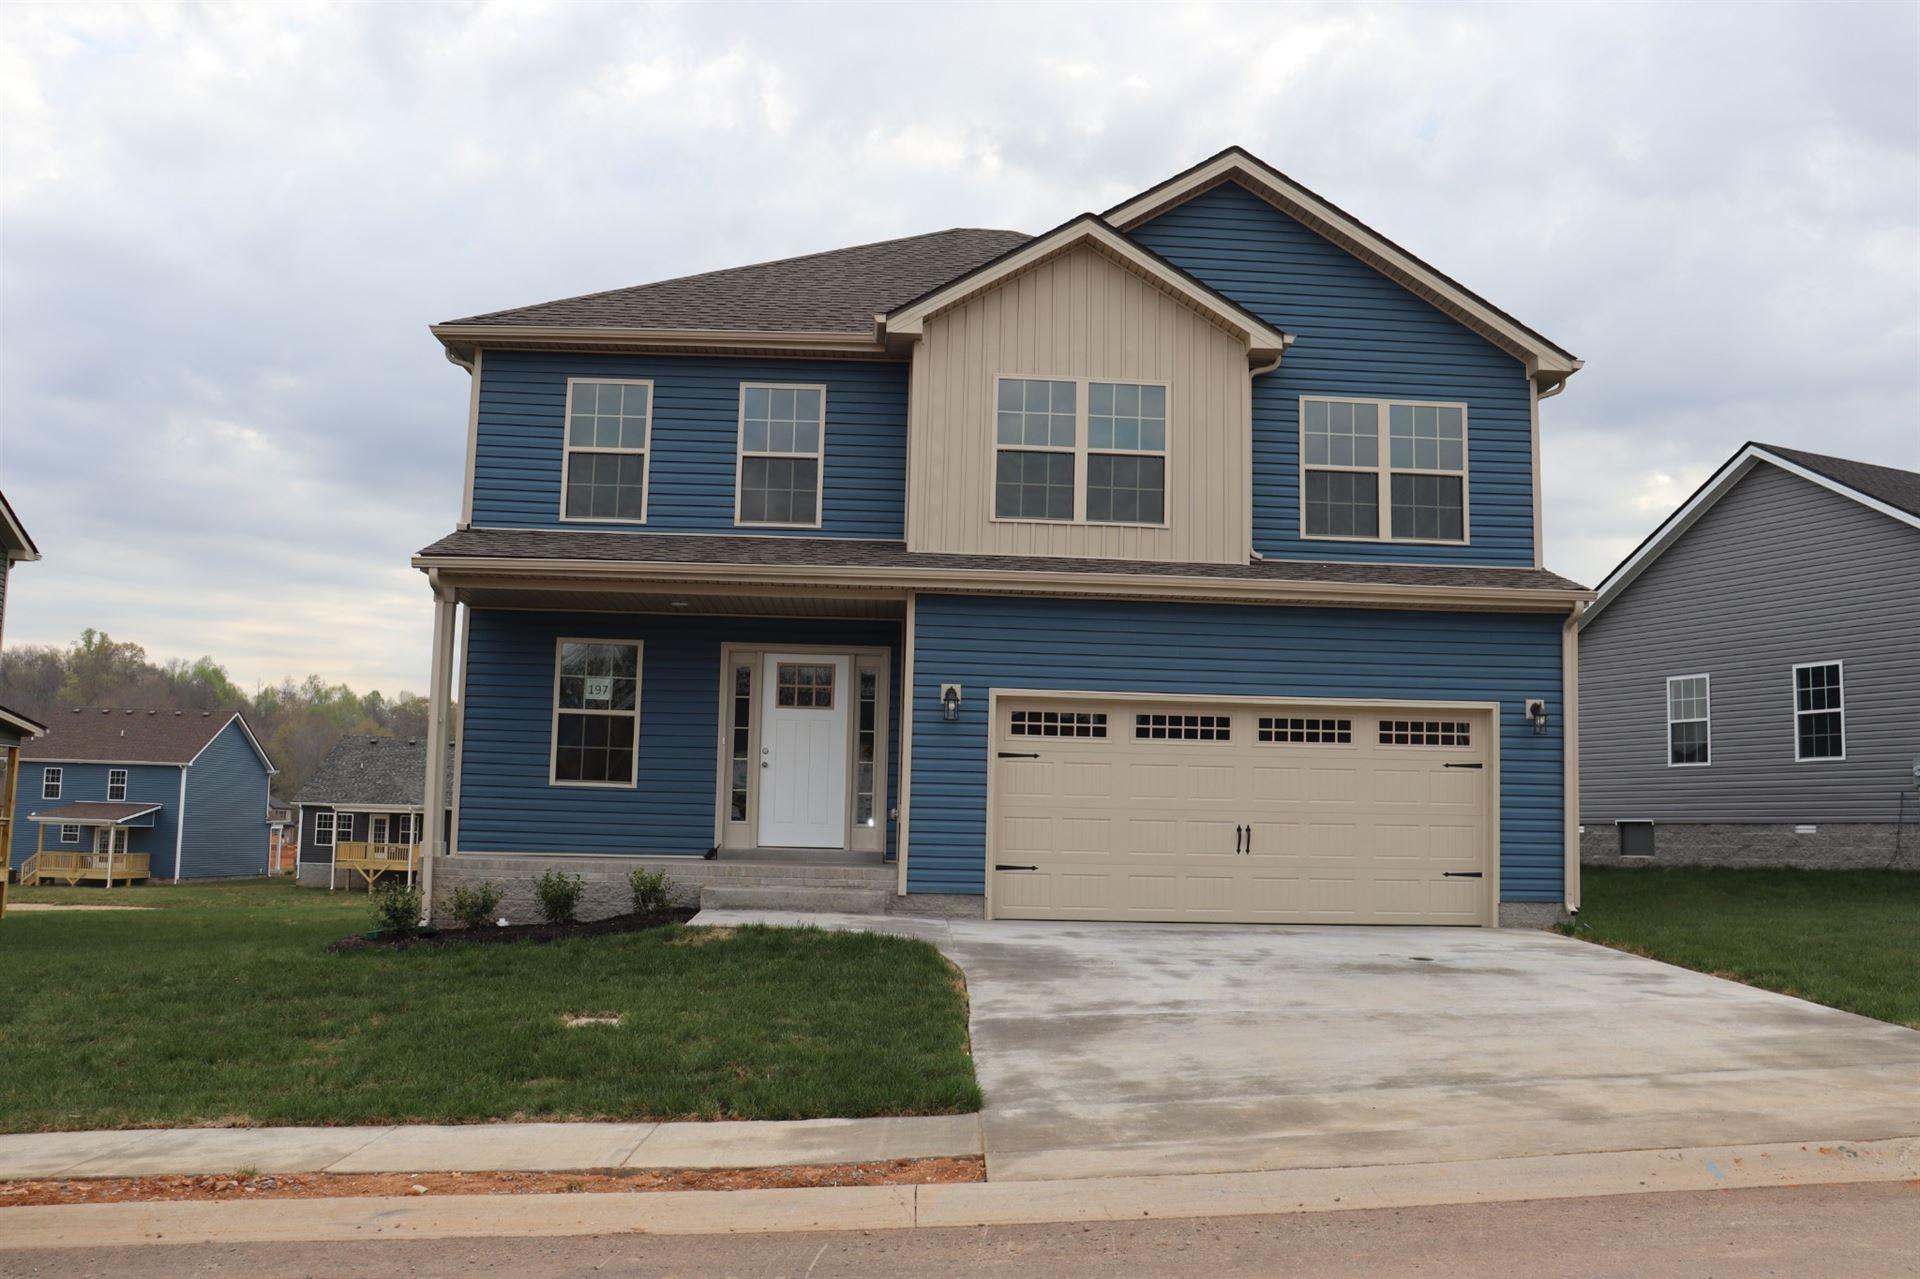 197 Chalet Hills, Clarksville, TN 37040 - MLS#: 2215951